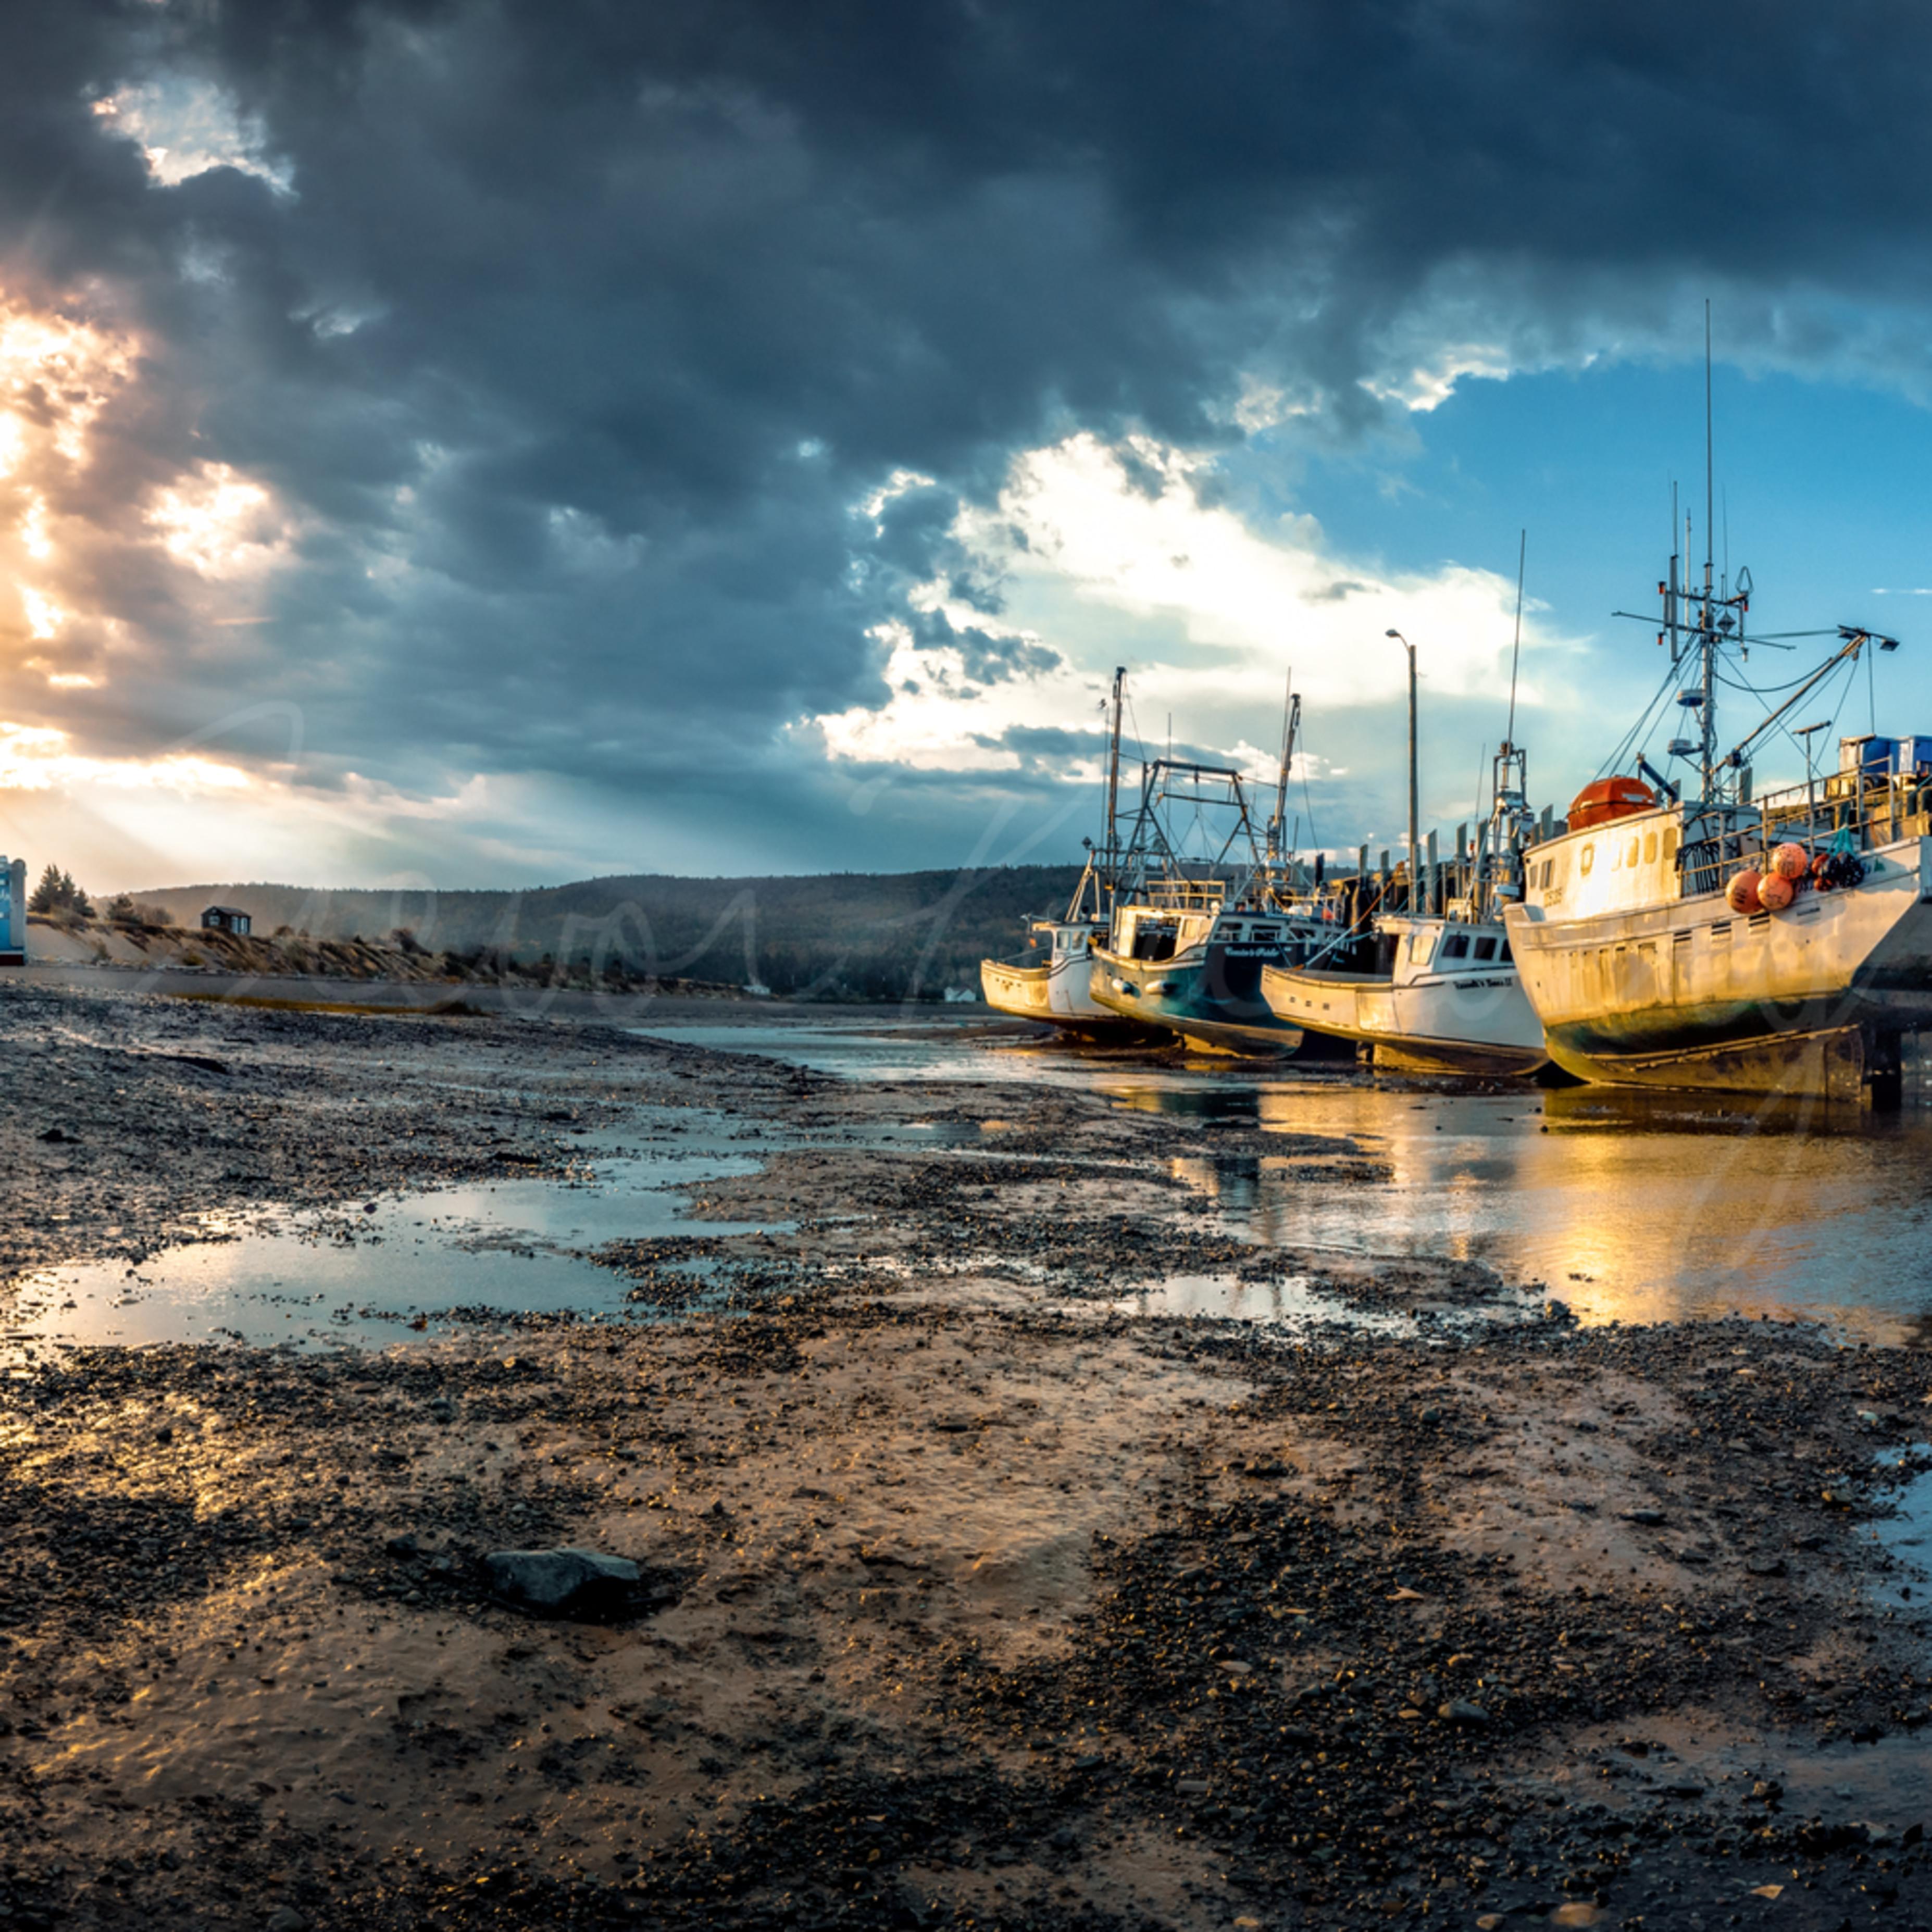 Low tide mdifag